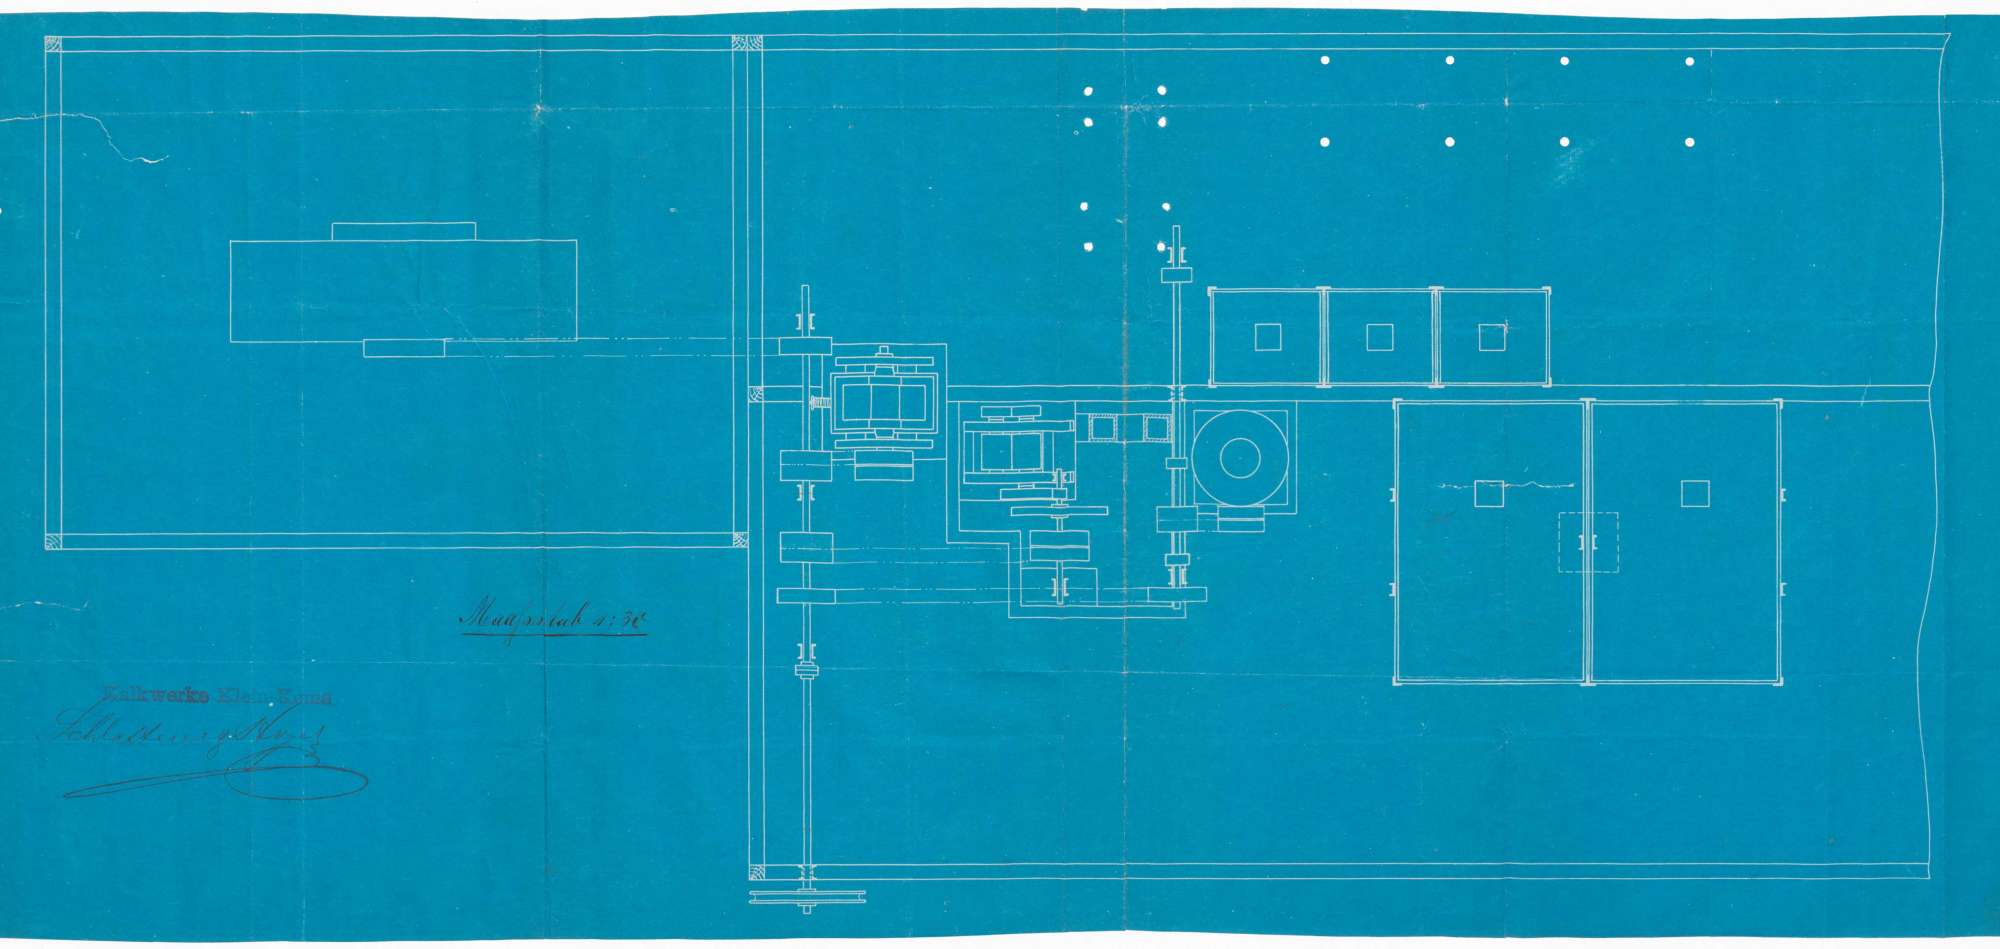 Errichtung einer mechanischen Kalkzerkleinerungsanlage-Kalkmüllerei und Terrazzomahlanlage durch die Kalkwerke Schlatterer & Hoyer, Kleinkems, Bild 1